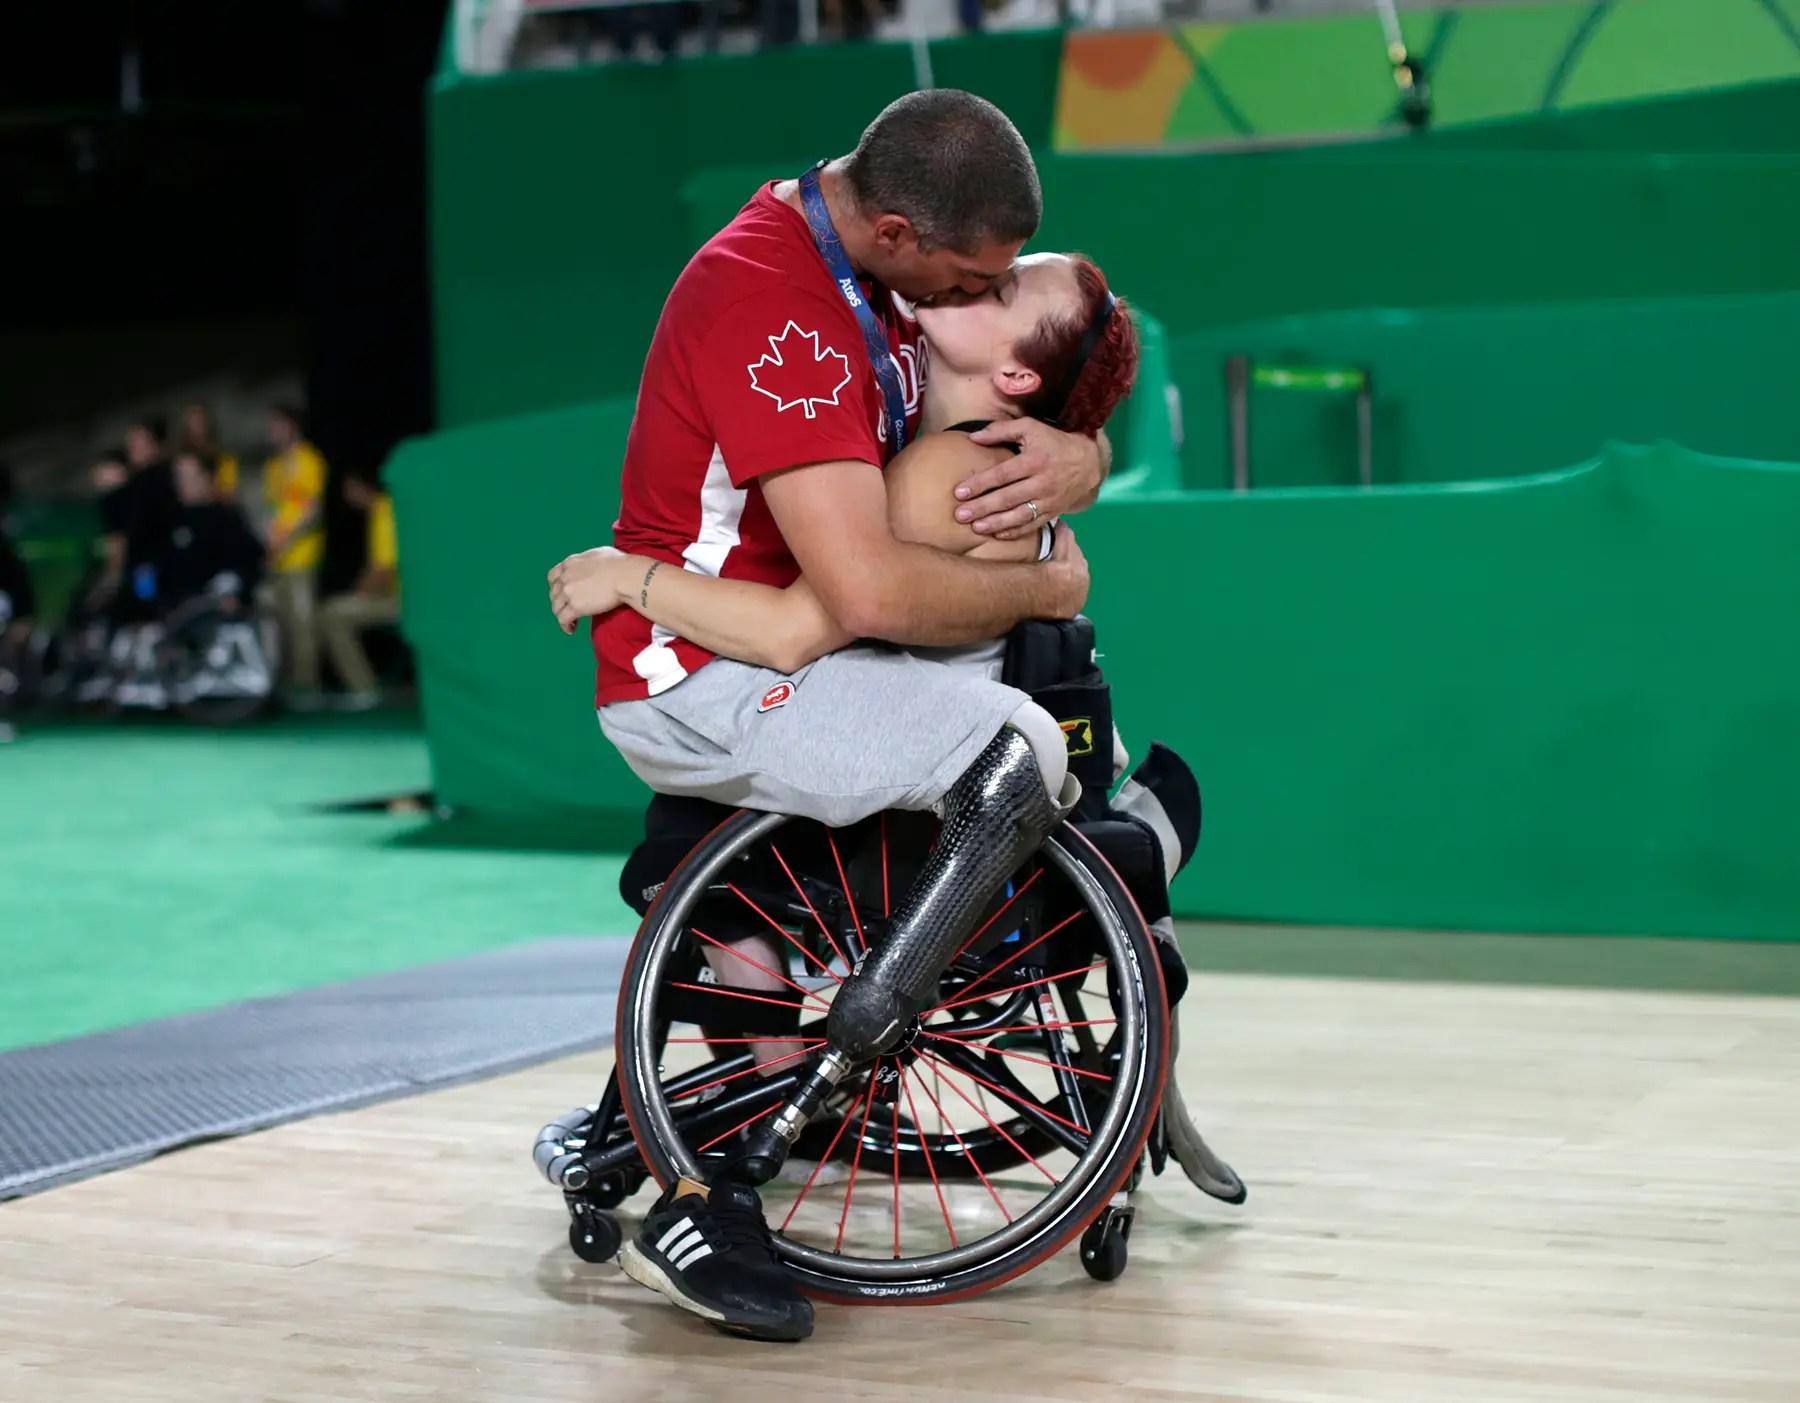 El jugador de baloncesto en silla de ruedas equipo masculino Adam Lancia de Canadá besa a su esposa Jamey Jewells que juega para el equipo femenino.